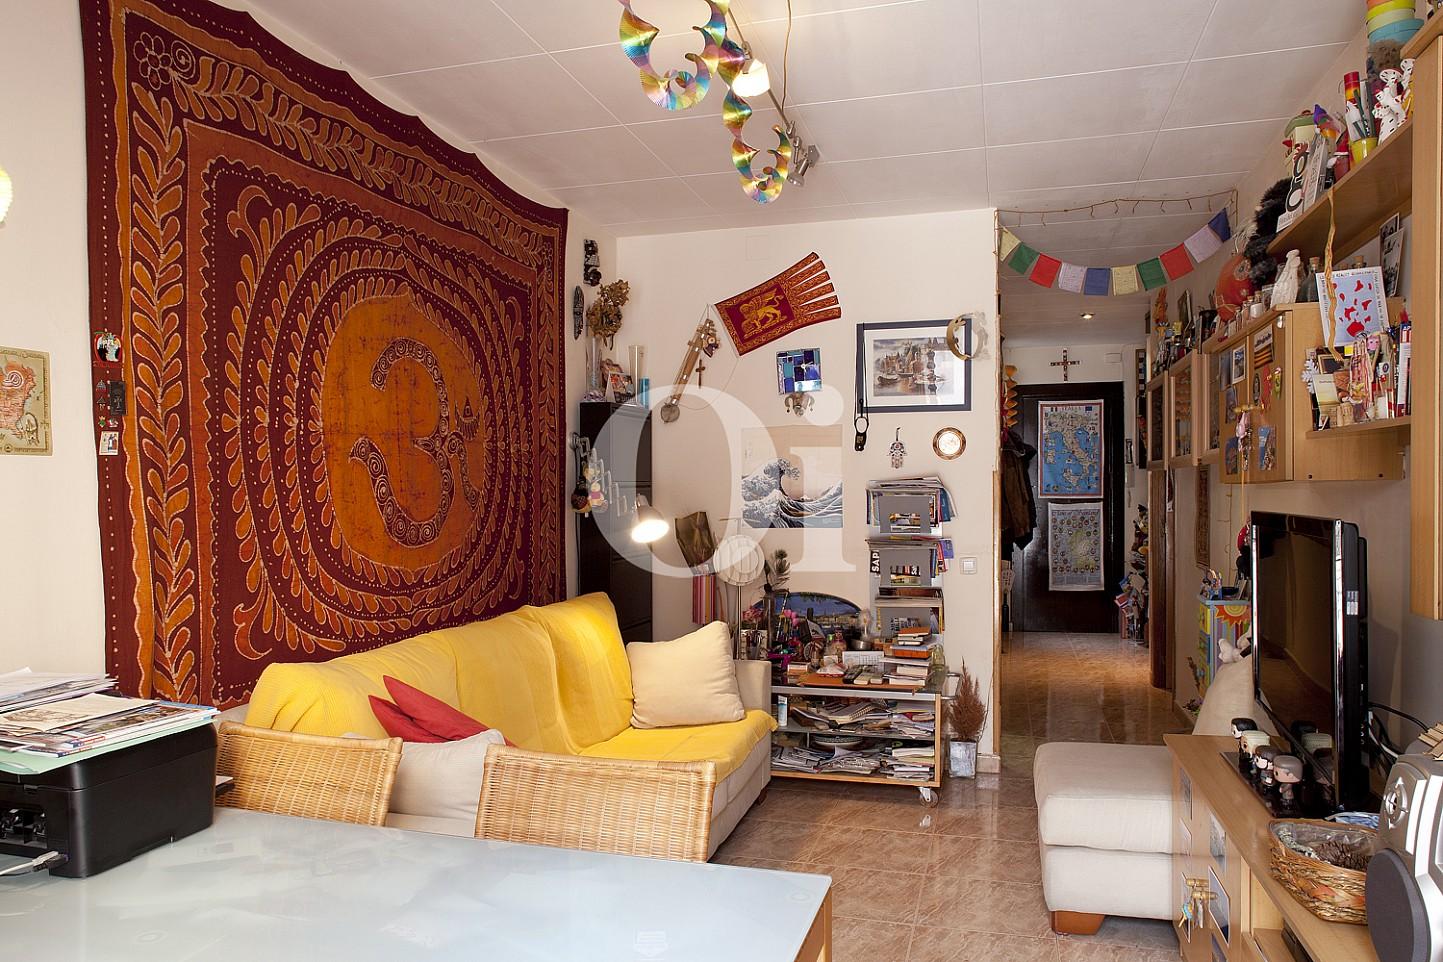 Appartement ext rieur en vente dans rue tranquille du raval - Appartement vente barcelone ...